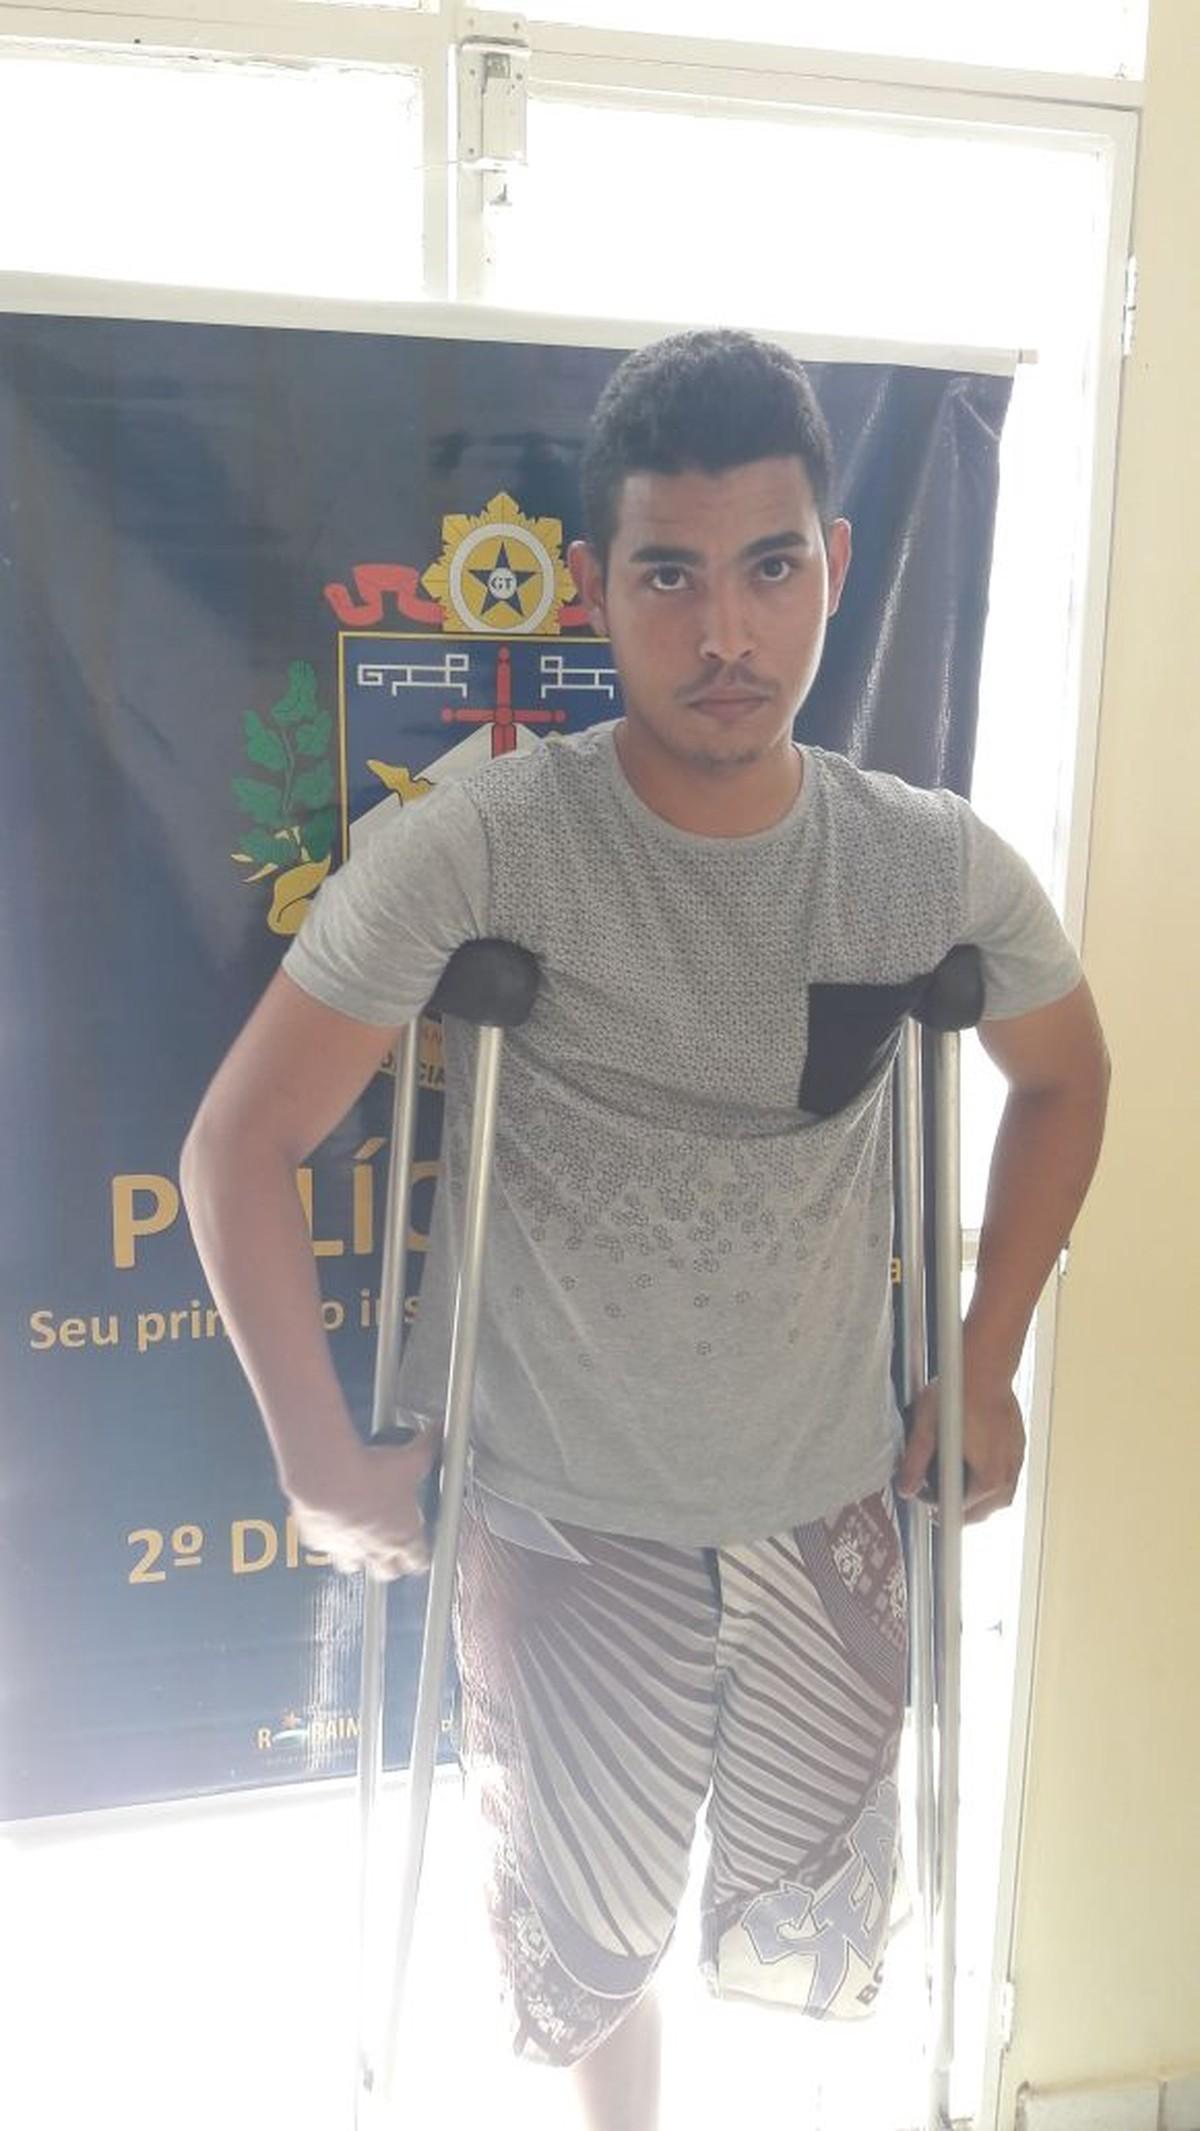 'Piloto de fuga' de uma perna só é preso por envolvimento em roubo a padaria em Boa Vista